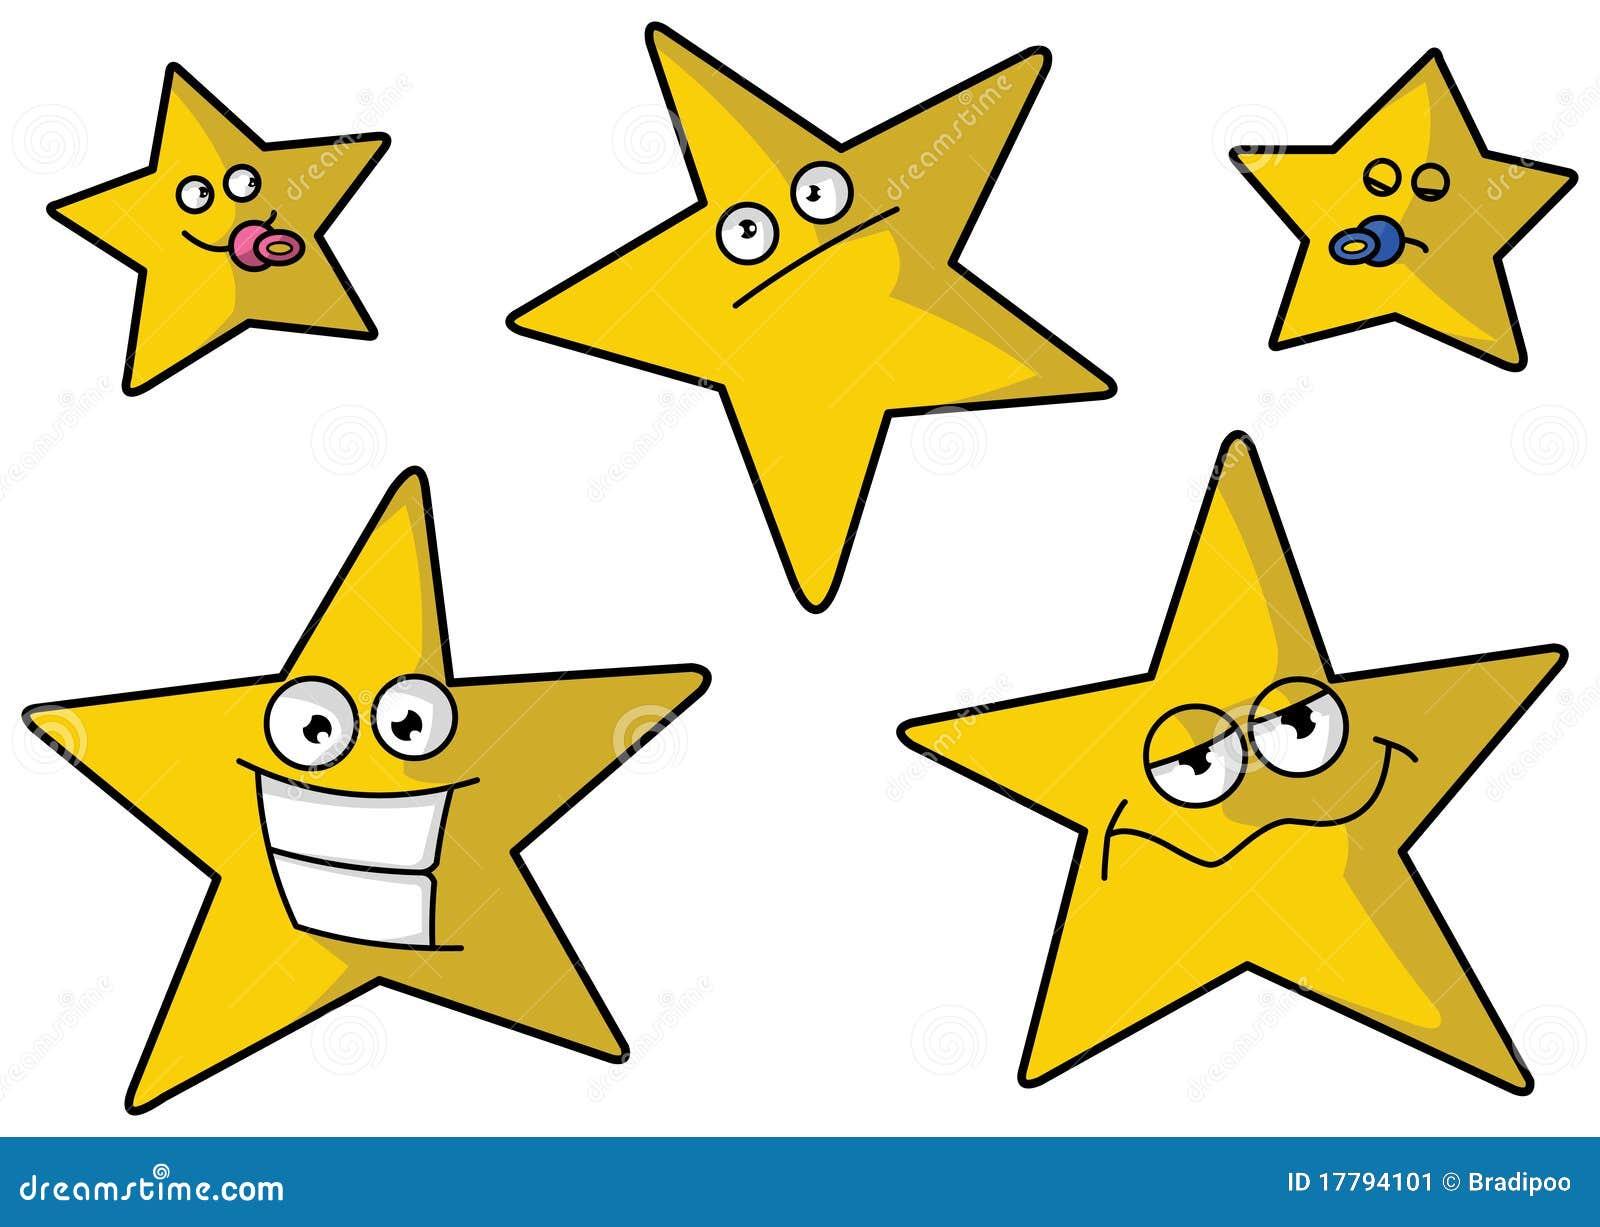 Cinco estrellas divertidas